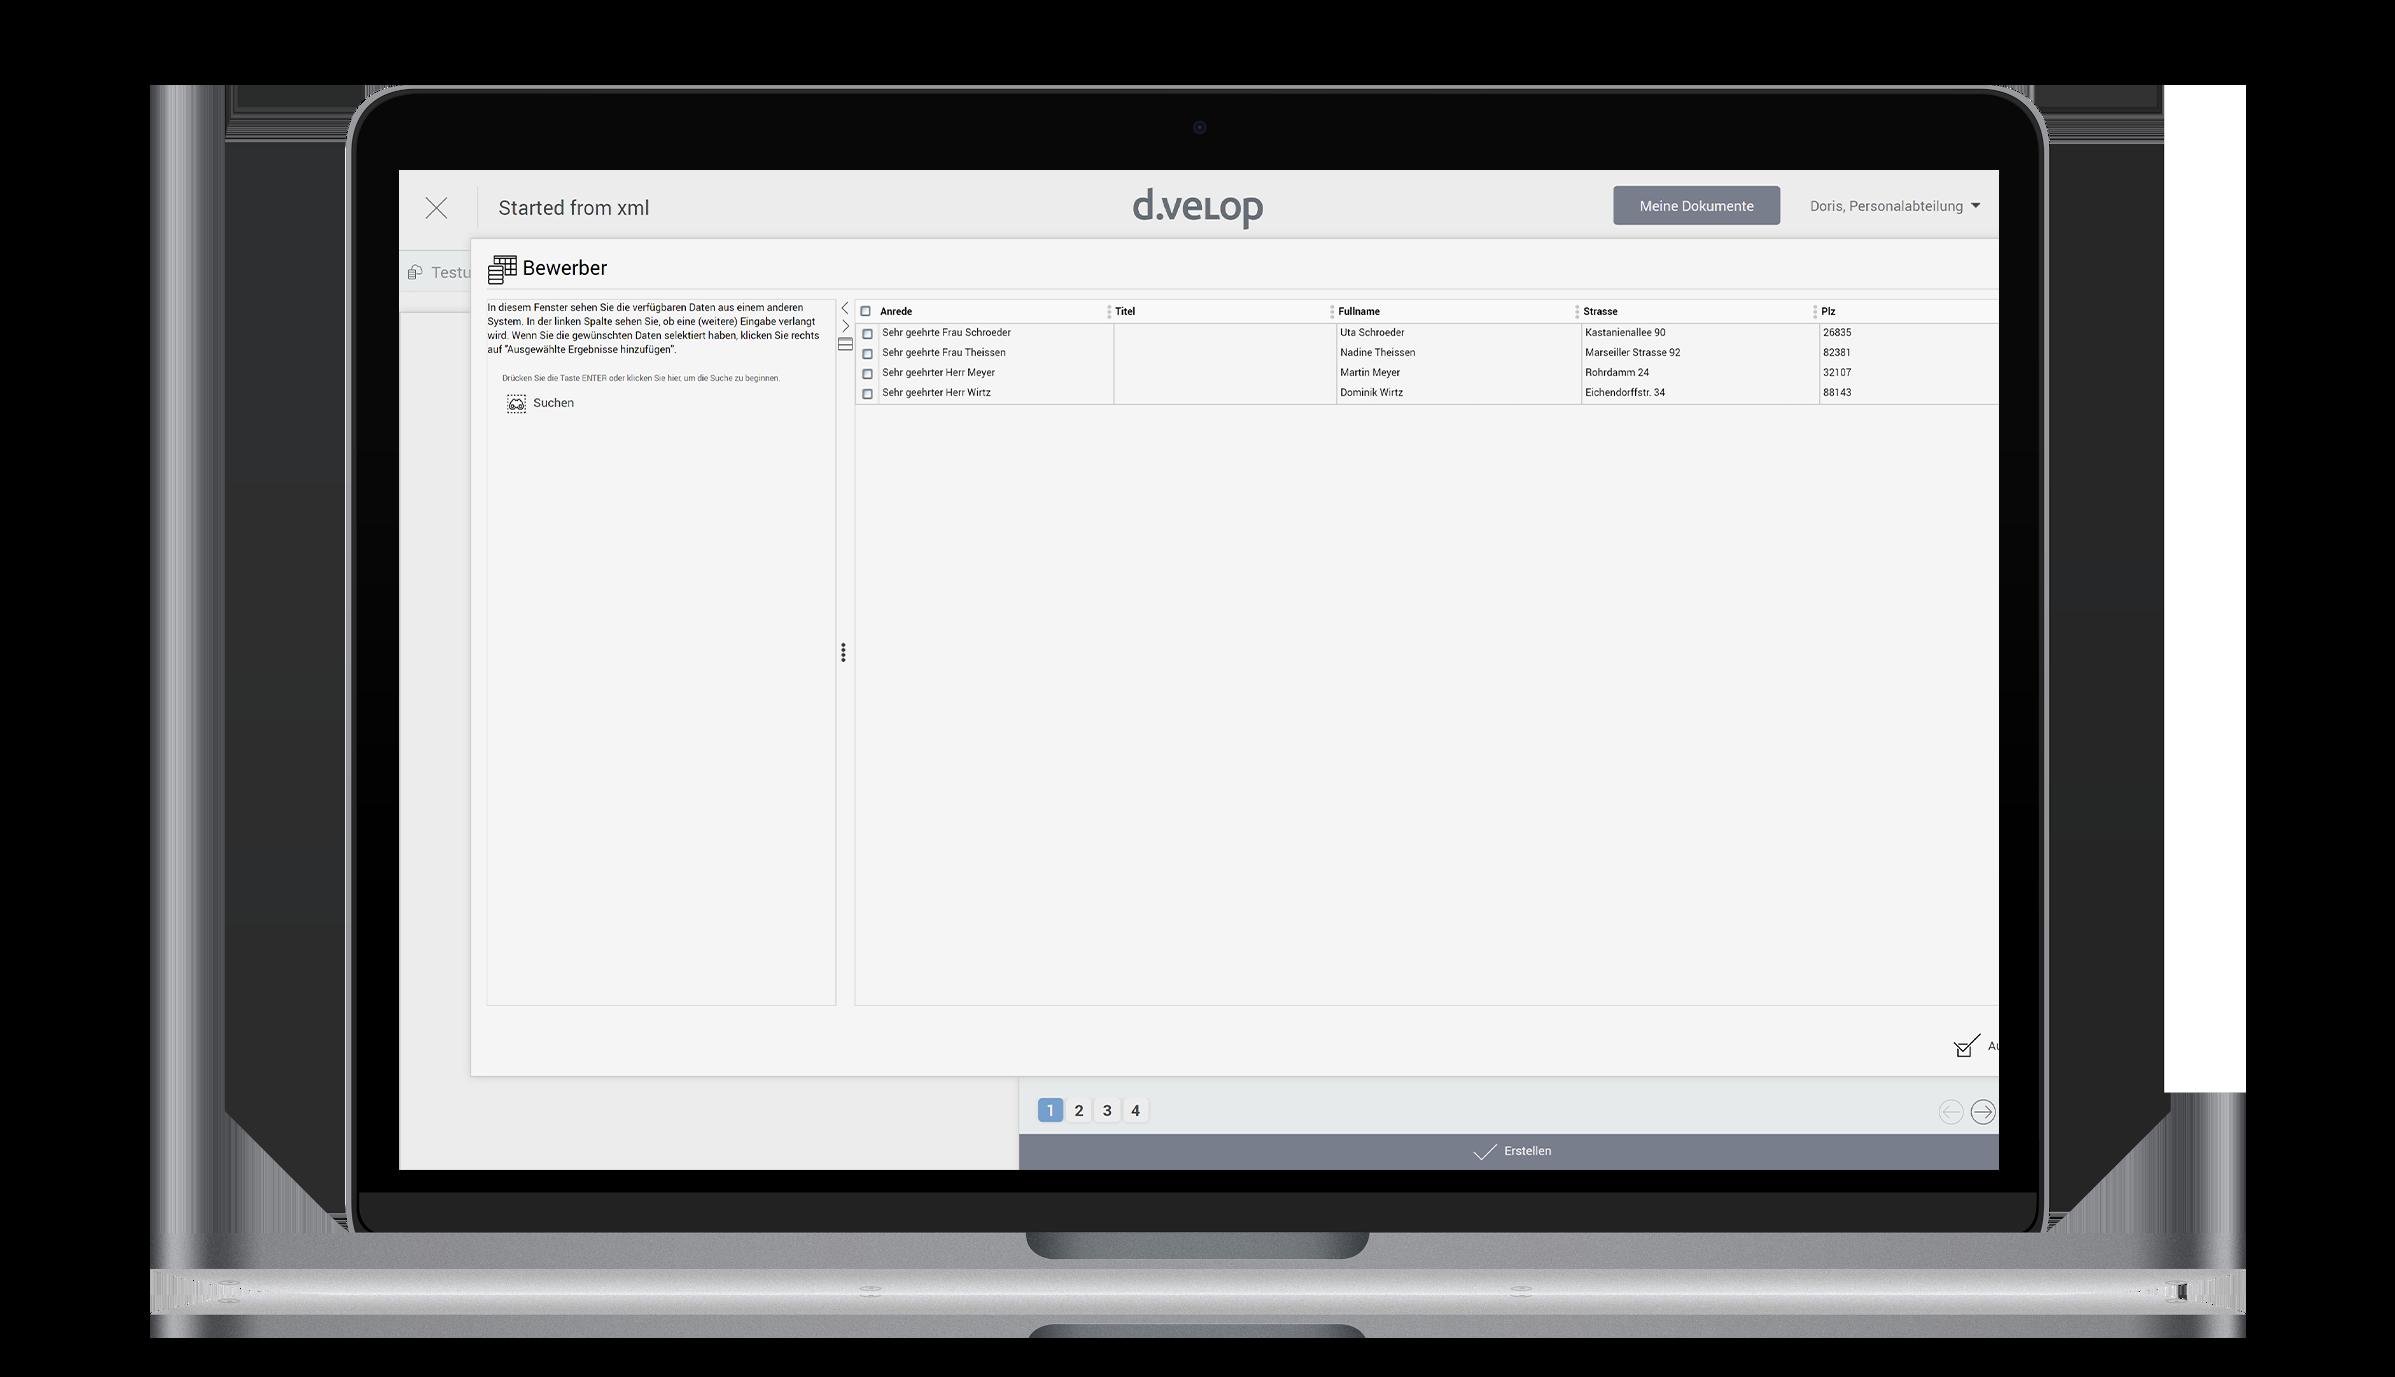 d.velop template management